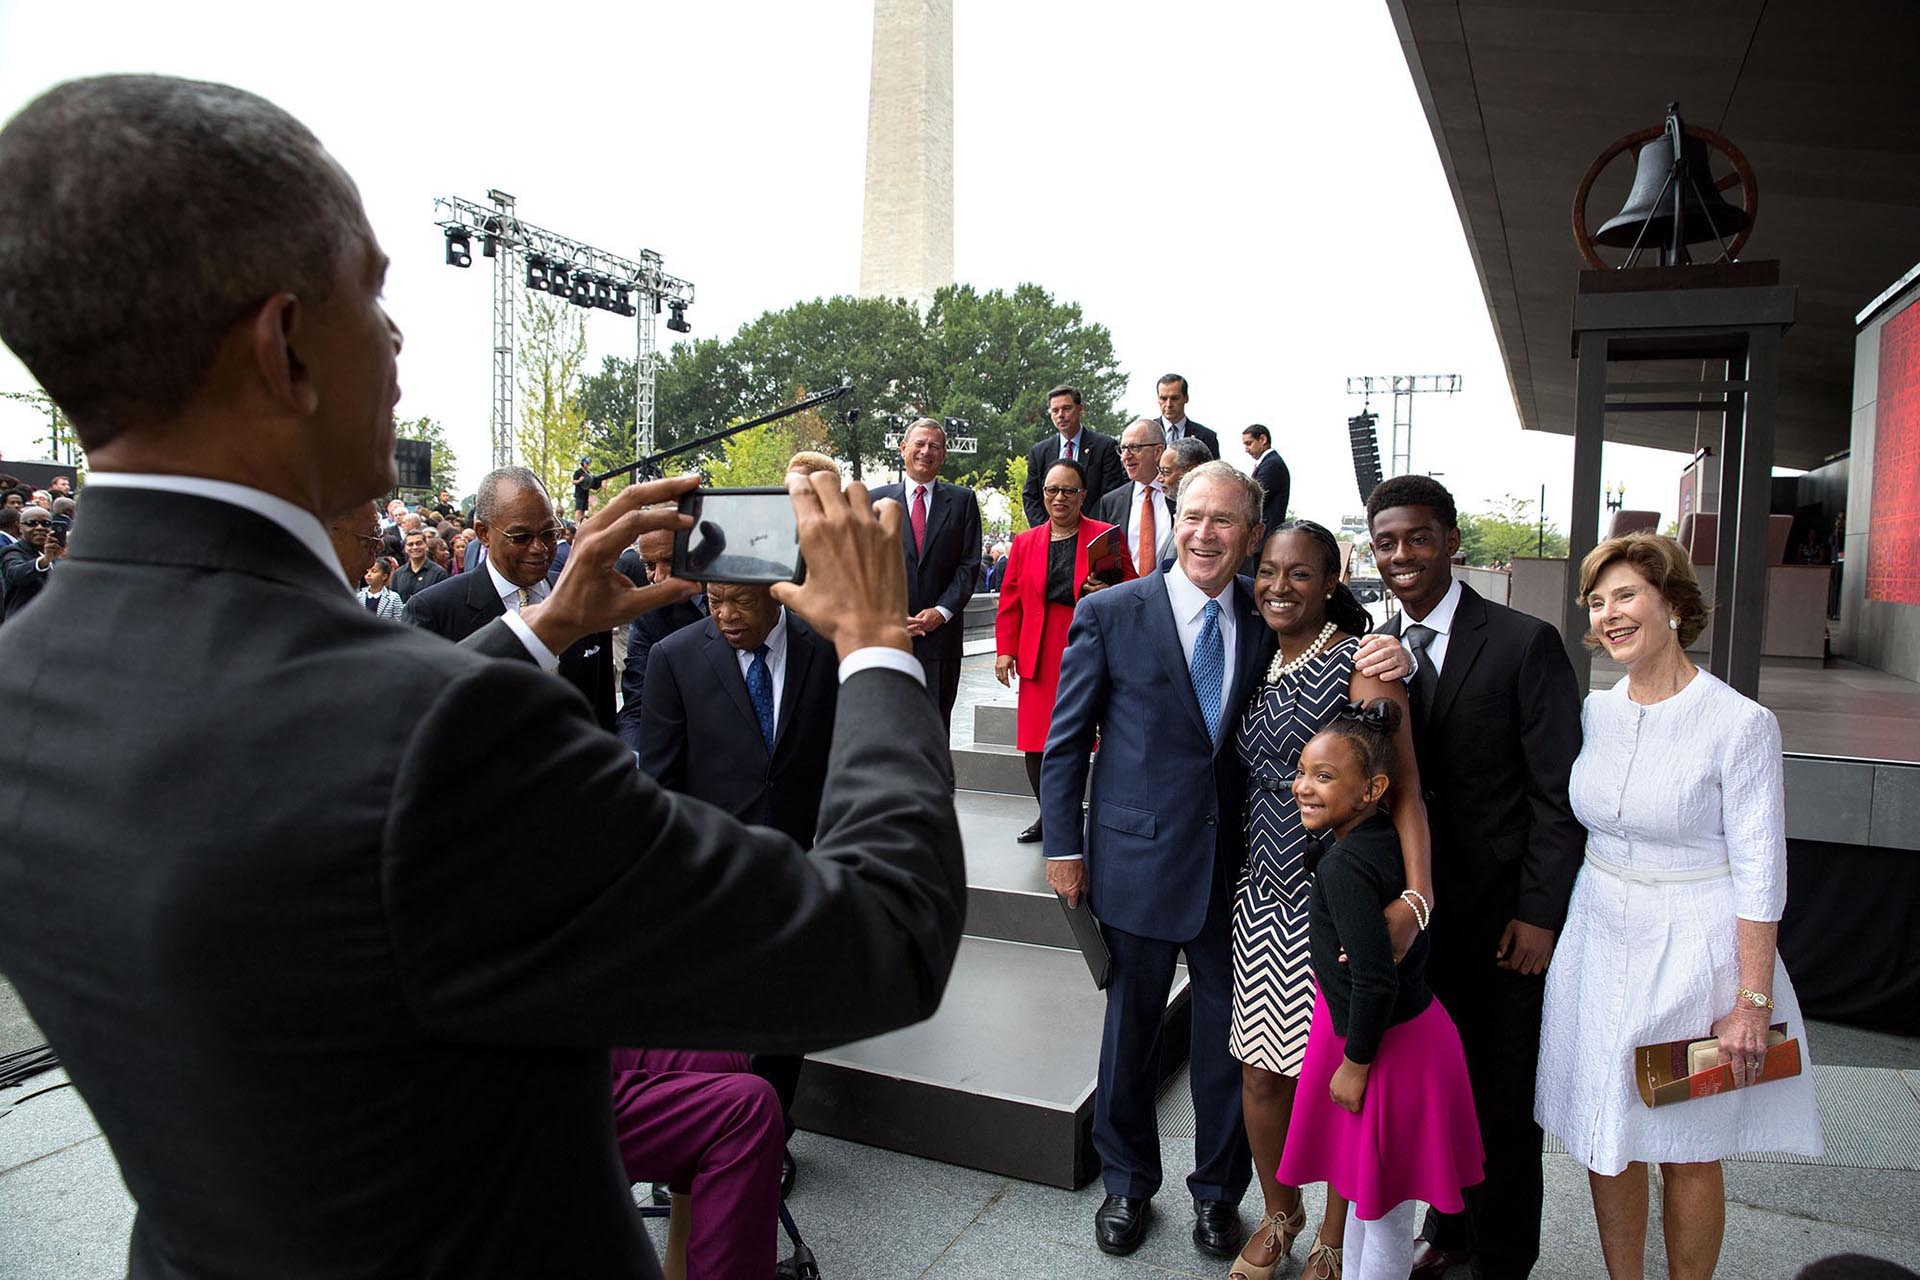 Obama, fotógrafo, retratando al ex presidente George W. Bush y su esposa junto a un grupo de personas que se acercaron a saludarlos